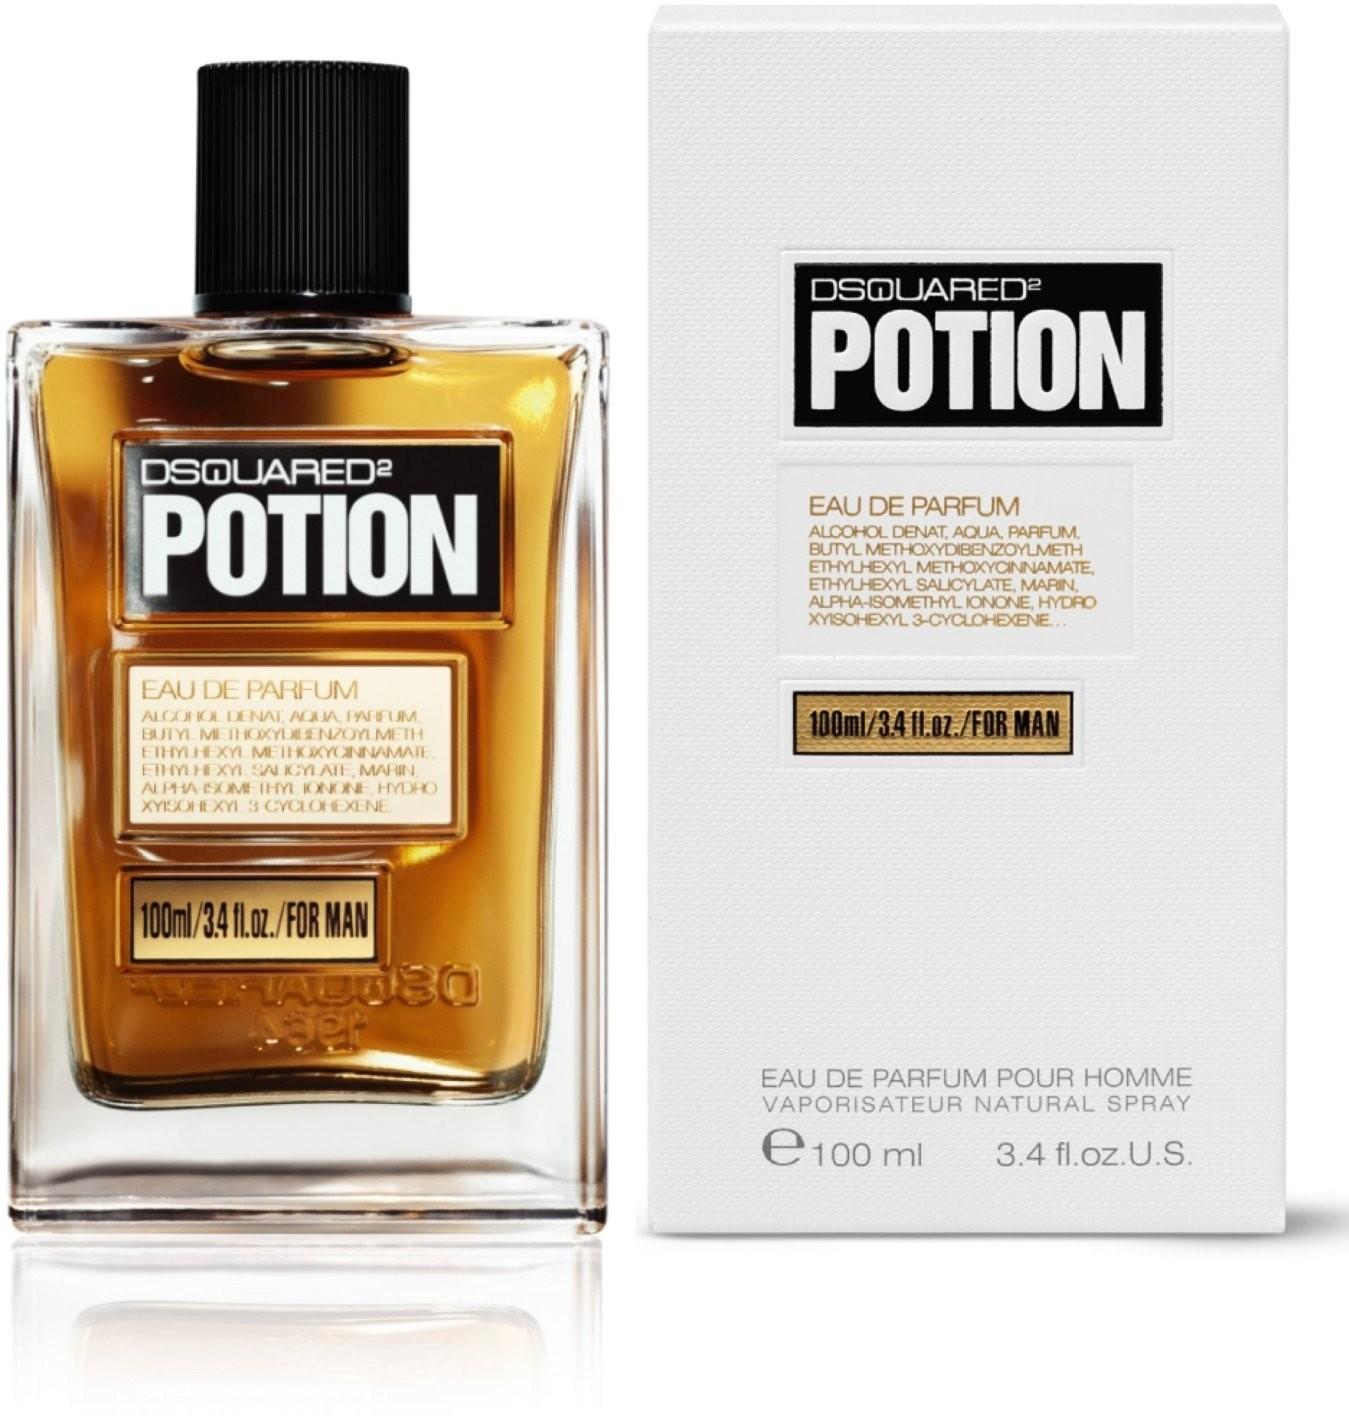 dsquared potion edp